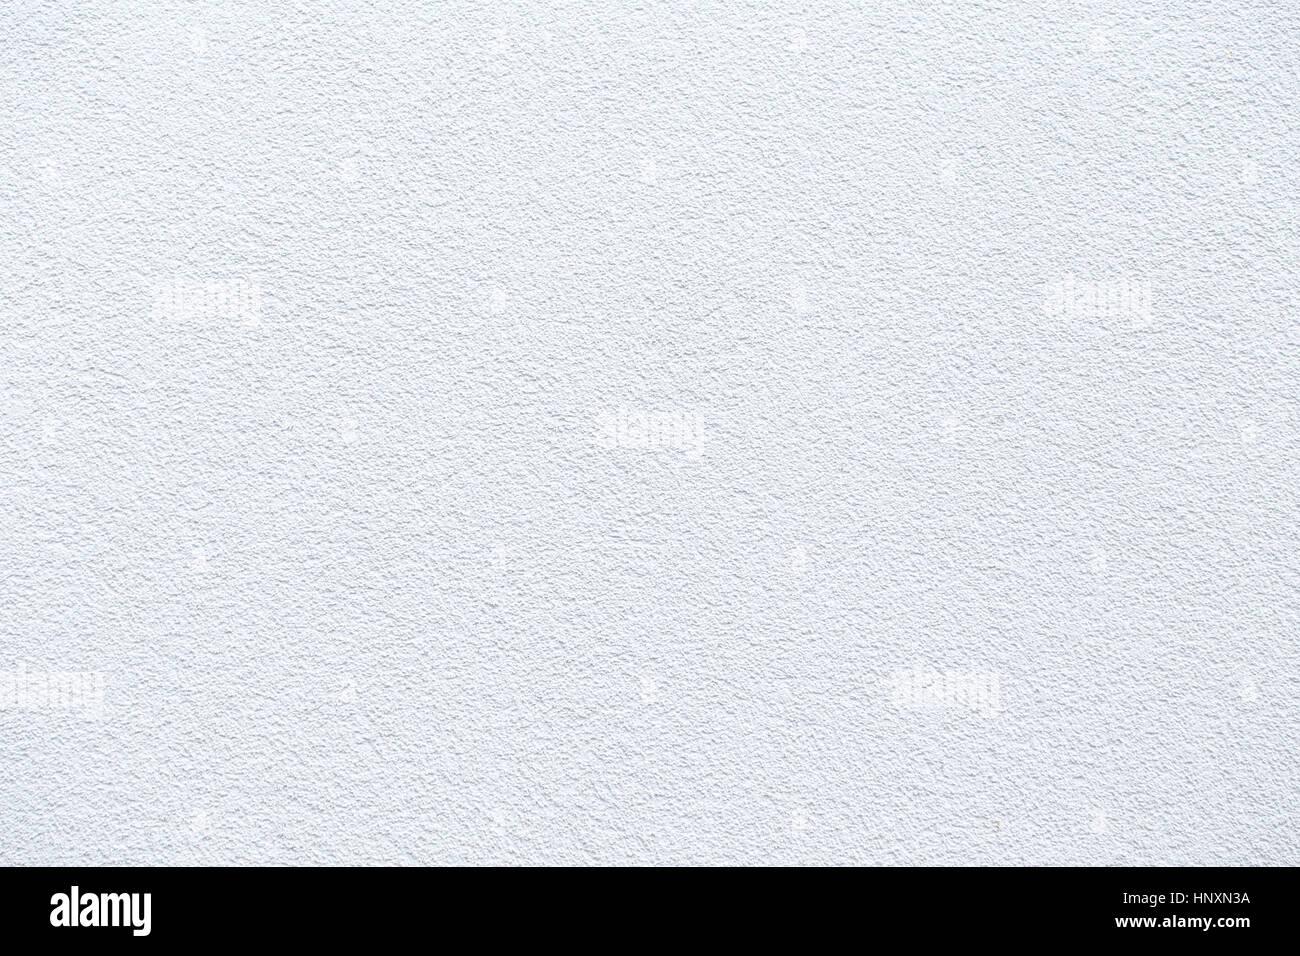 Bianco parete di mattoni texture background sul giorno di luce di